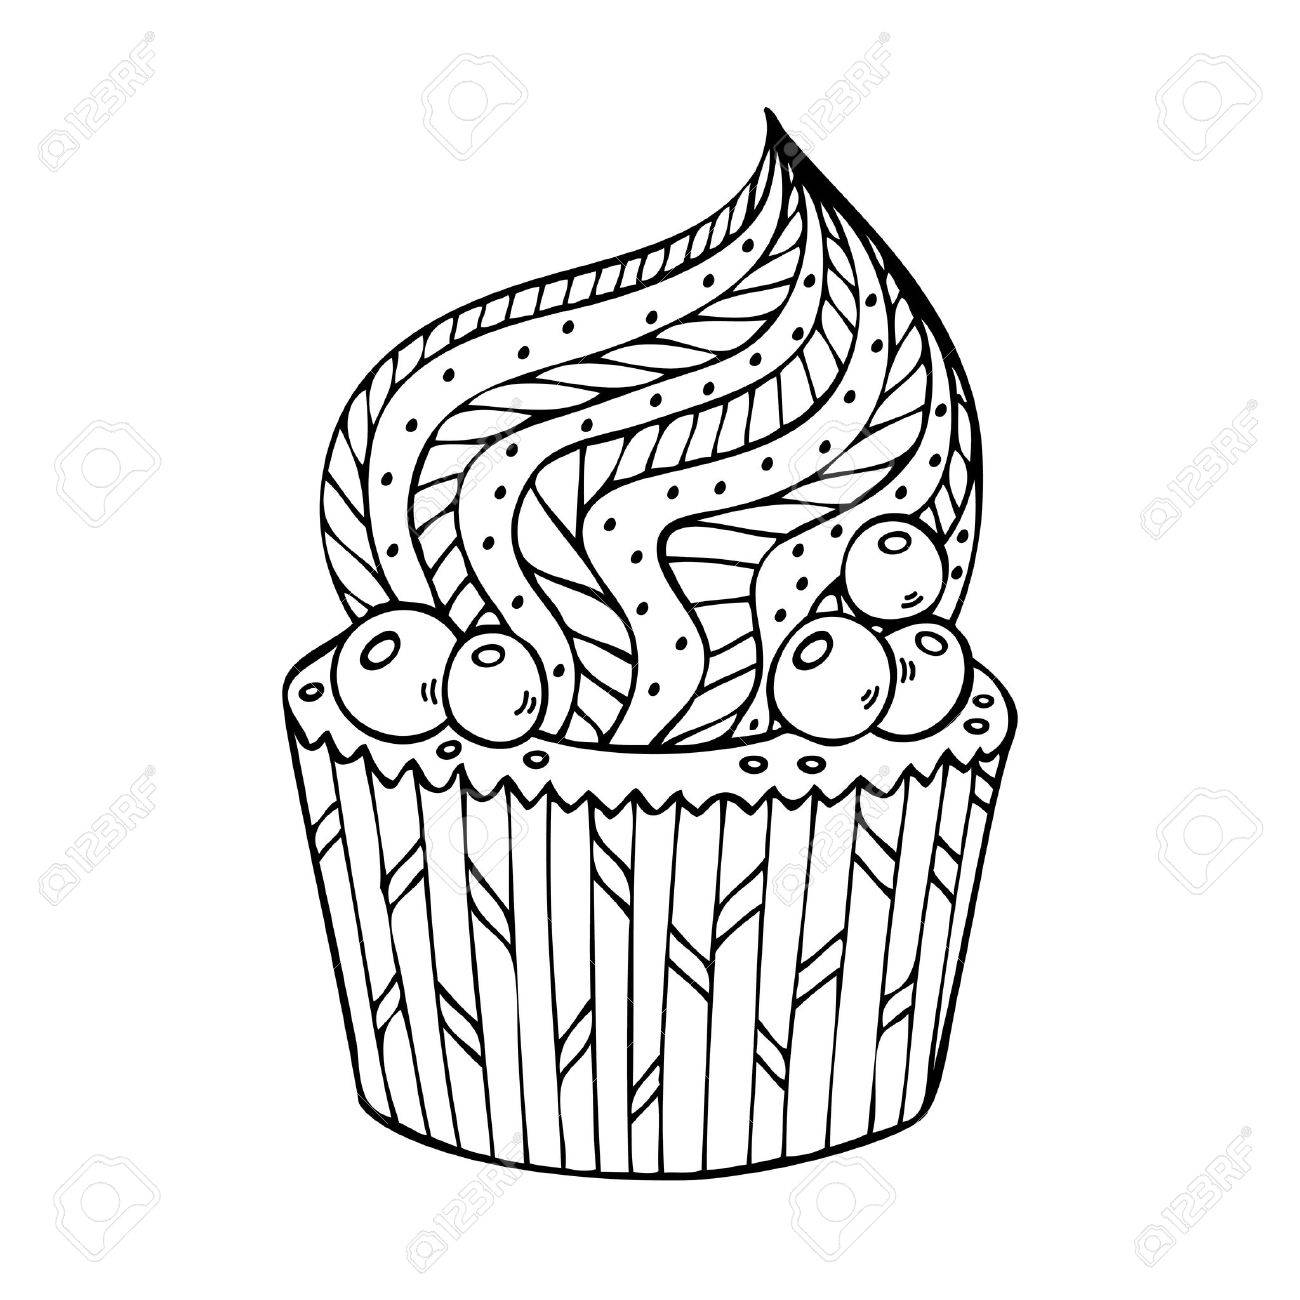 Kuchen-Färbung Für Erwachsene. Malbuch Seite Für Erwachsene. Vektor ...